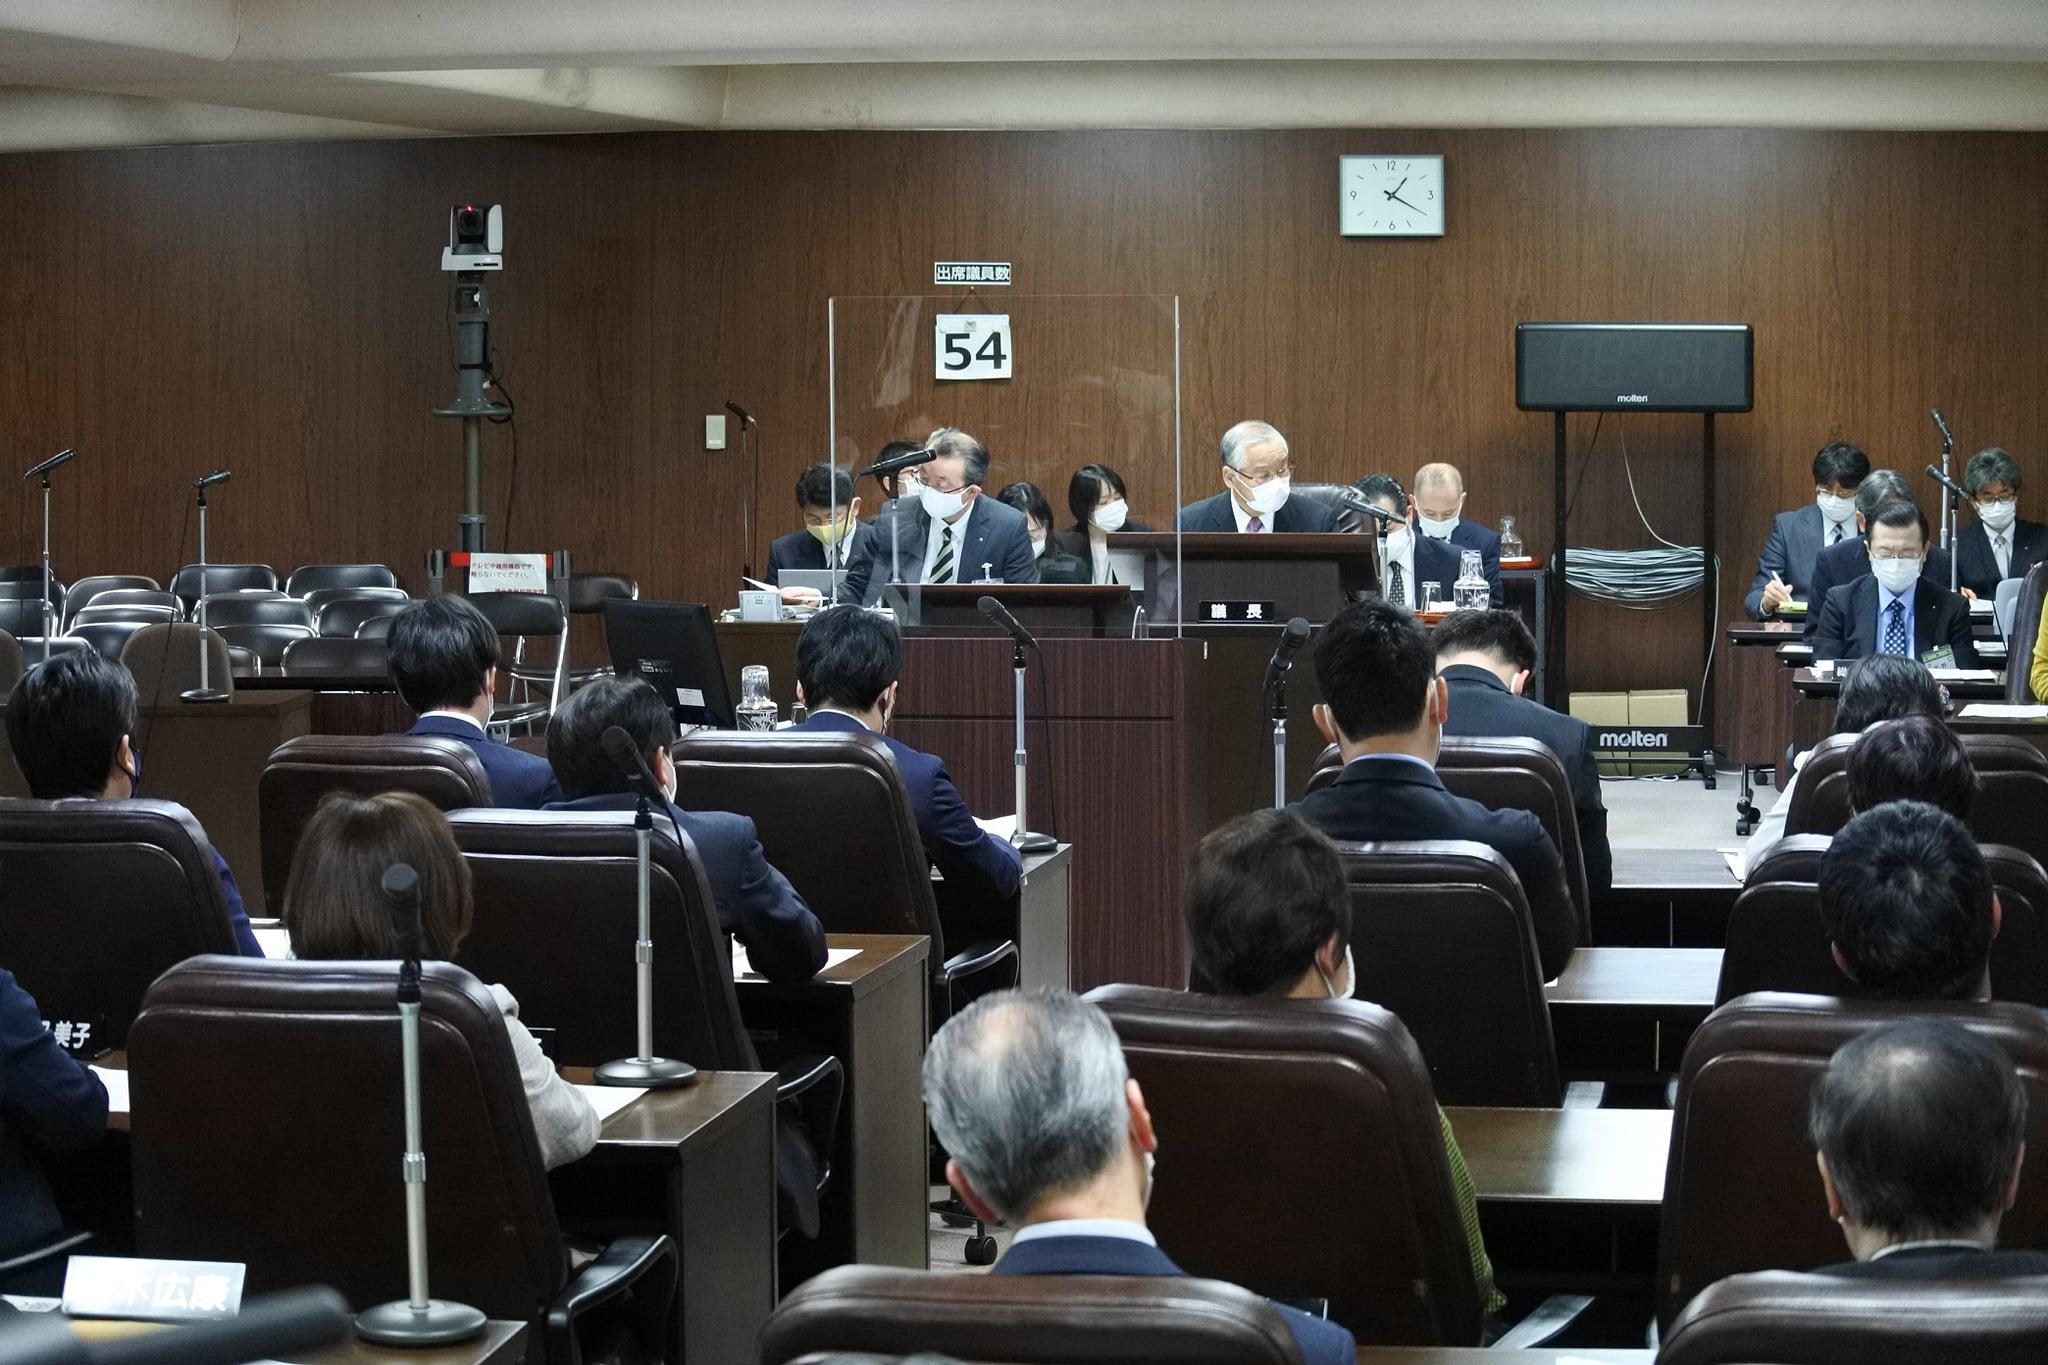 令和3年3月11日、令和3年第1回定例会の最終日をむかえ提出された全ての議案について可決され閉会しました。